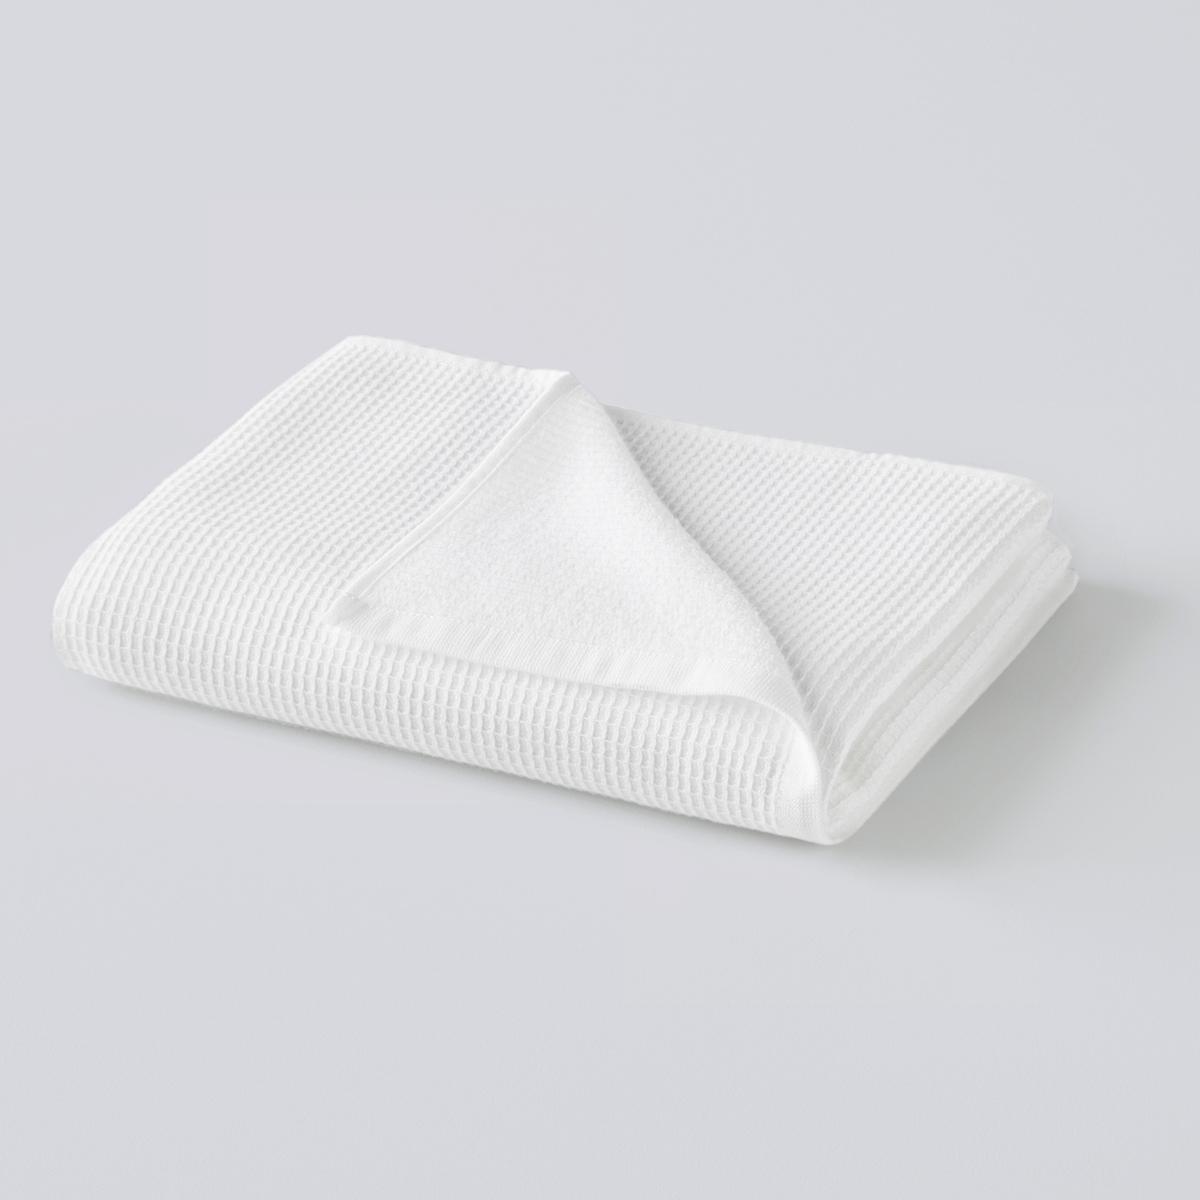 Полотенце La Redoute Махровое из вафельной ткани Timeo 50 x 100 см белый полотенце proffi home классик цвет шоколадный 50 x 100 см